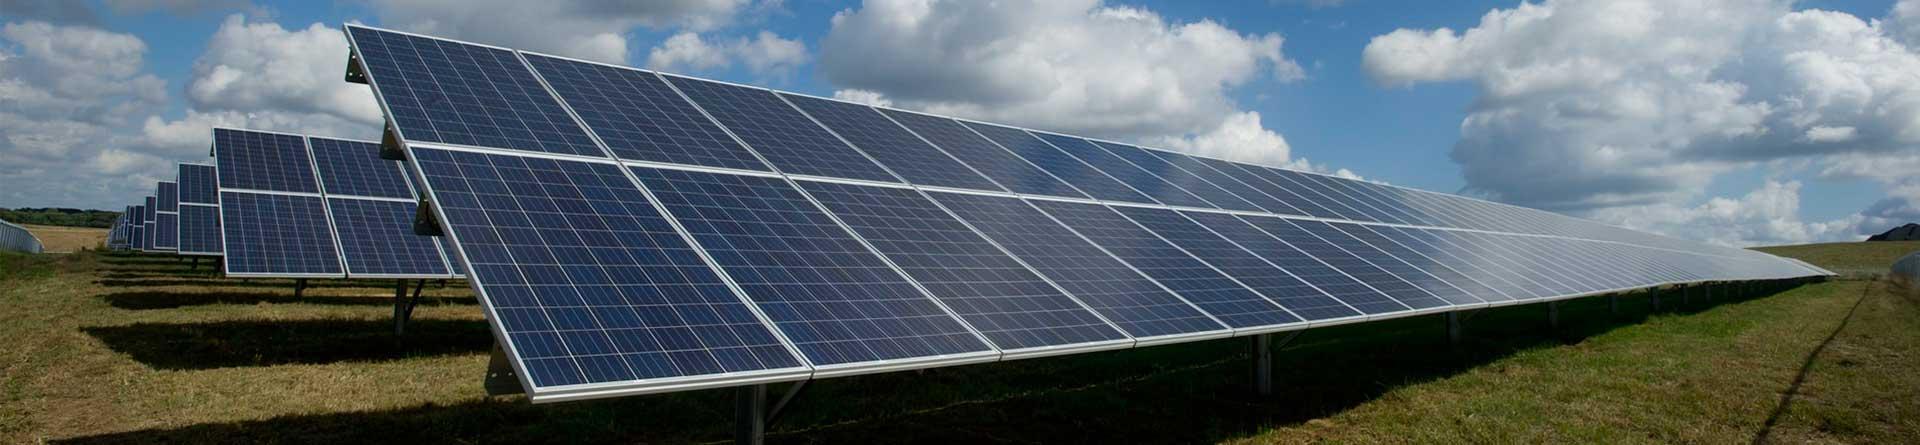 diseño placas solares instalaciones fotovoltaicas